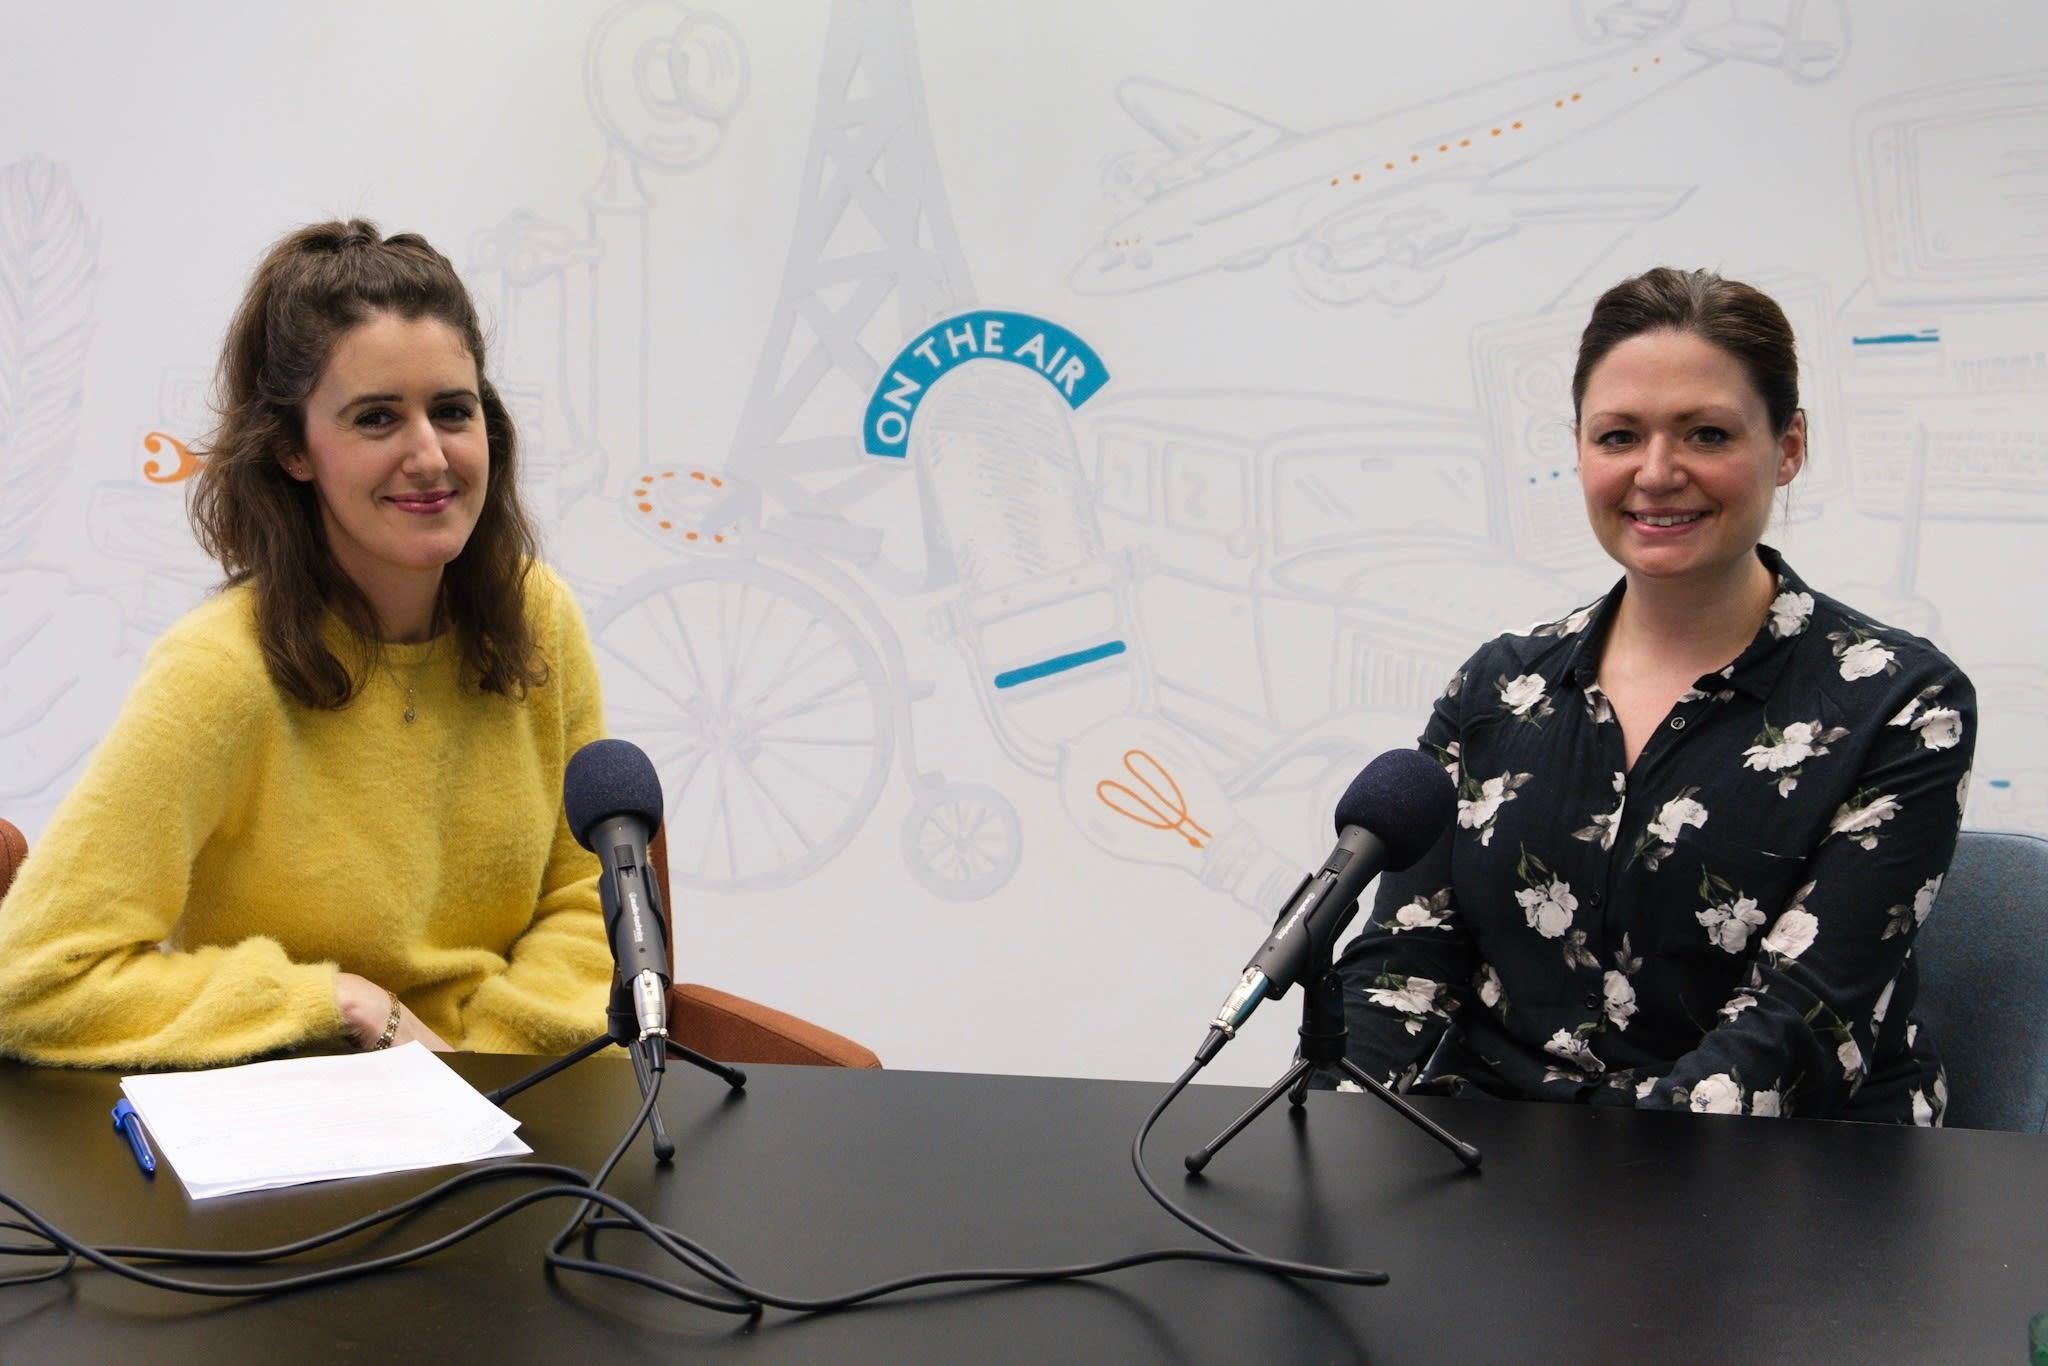 Awin Talks entrevista Rachel Said do Genie Goals e apresenta a expert em influência da Awin